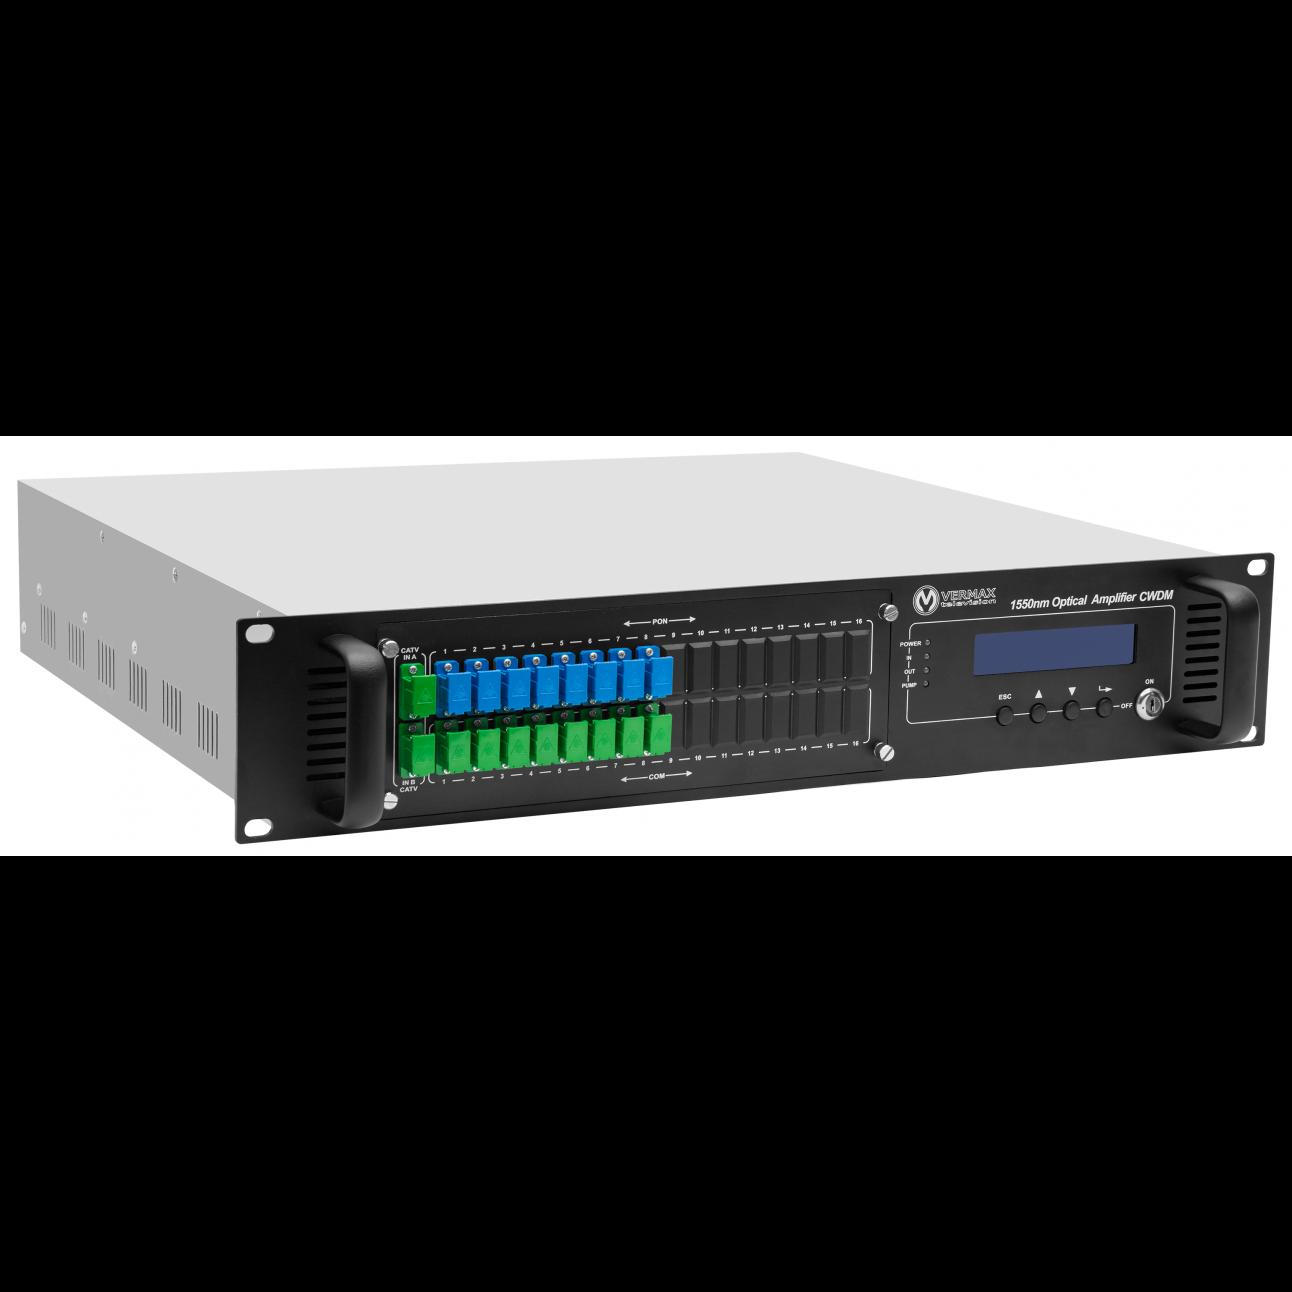 Оптический усилитель VERMAX для сетей КТВ, 2 входа, 8*20dBm выходов, WDM фильтр PON